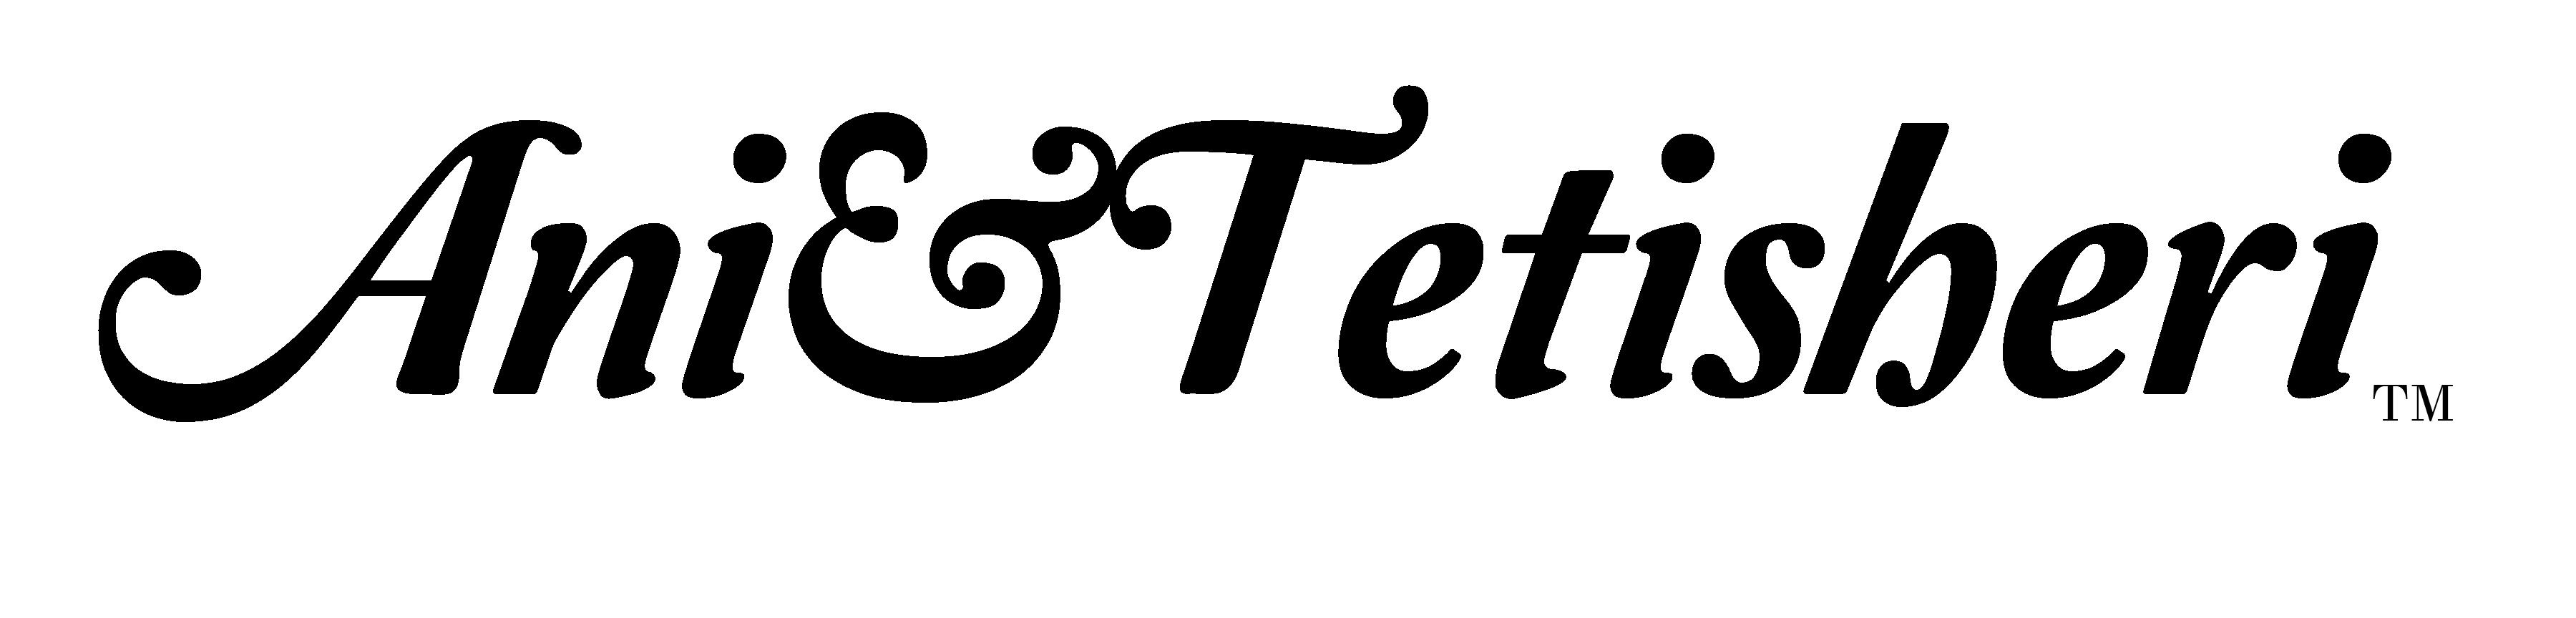 Ani&Tetisheri_title_logo_TM